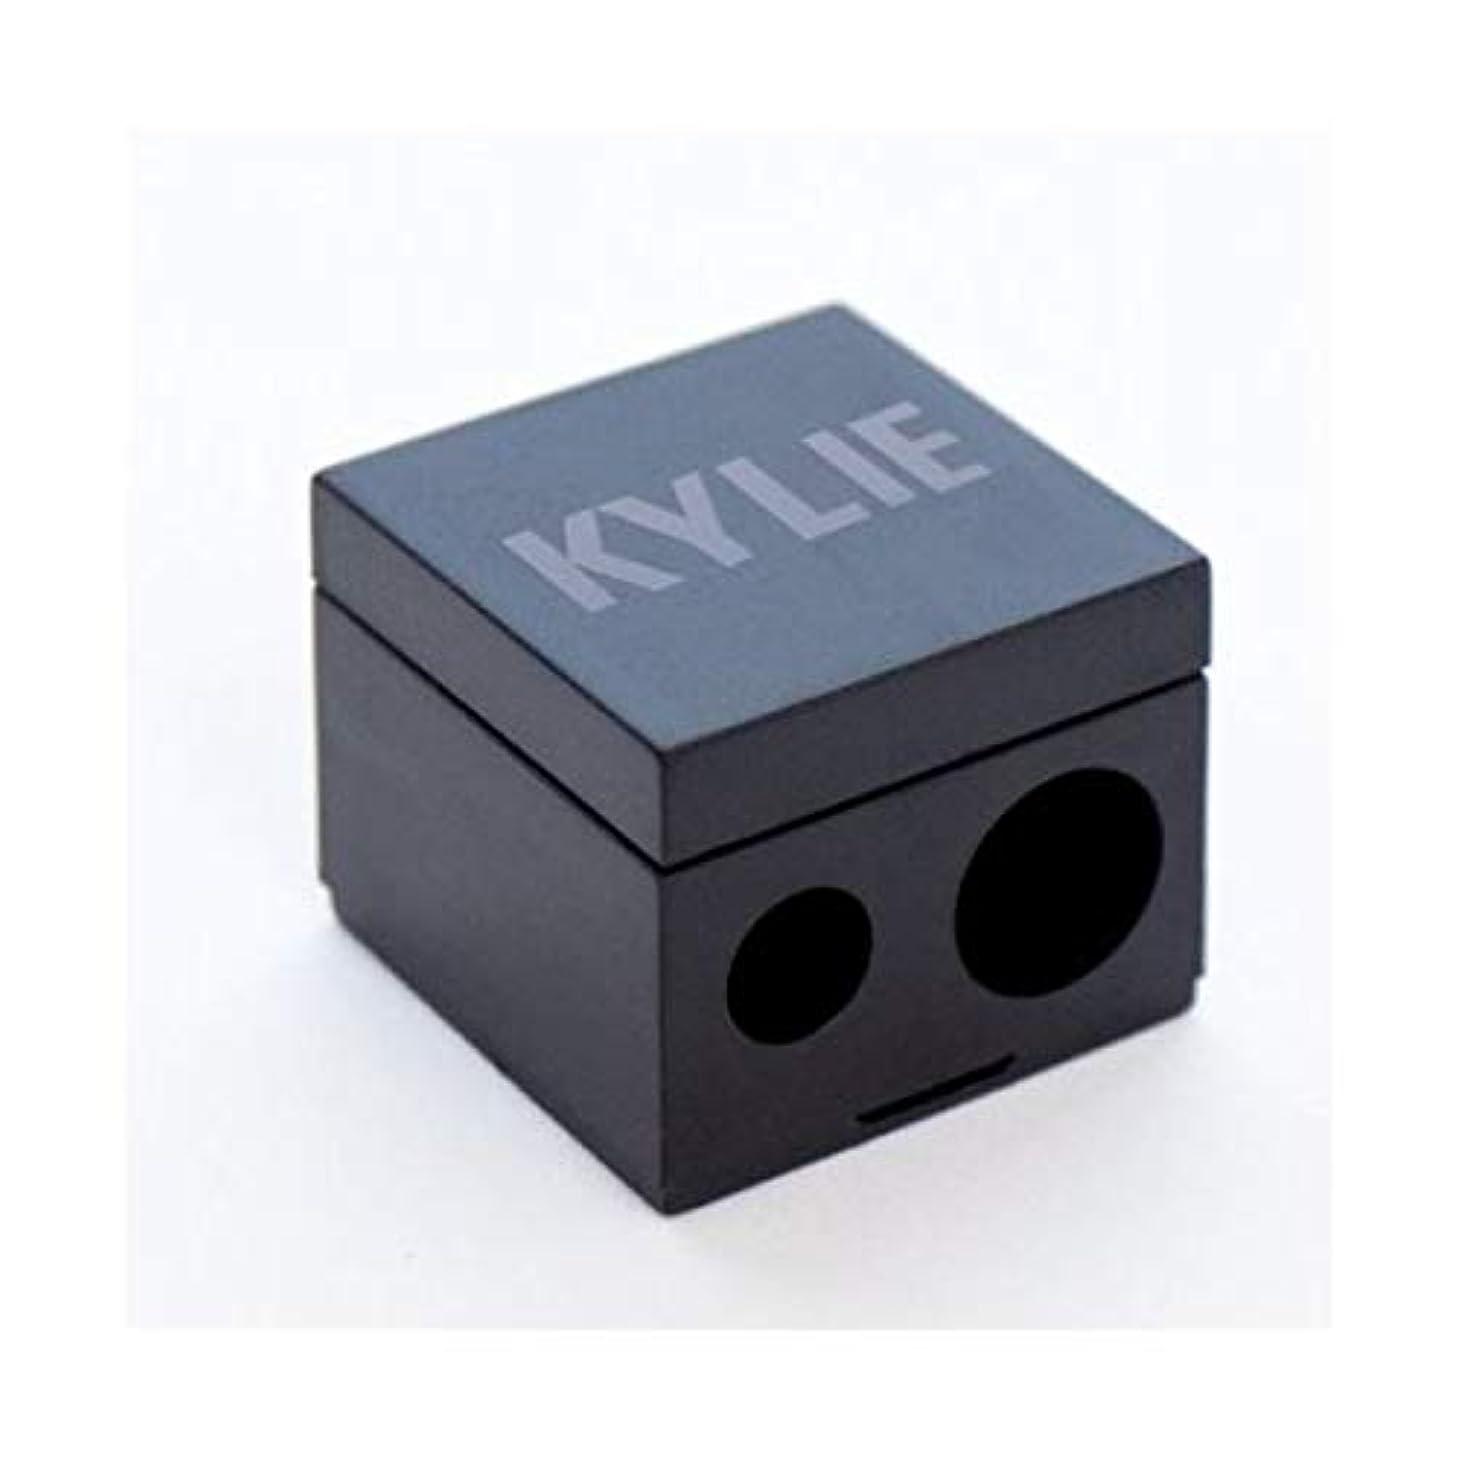 相互接続一口購入kyliecosmetics カイリージェンナー カイリーコスメ KYLIE | PENCIL SHARPENER ペンシル削り 鉛筆削り